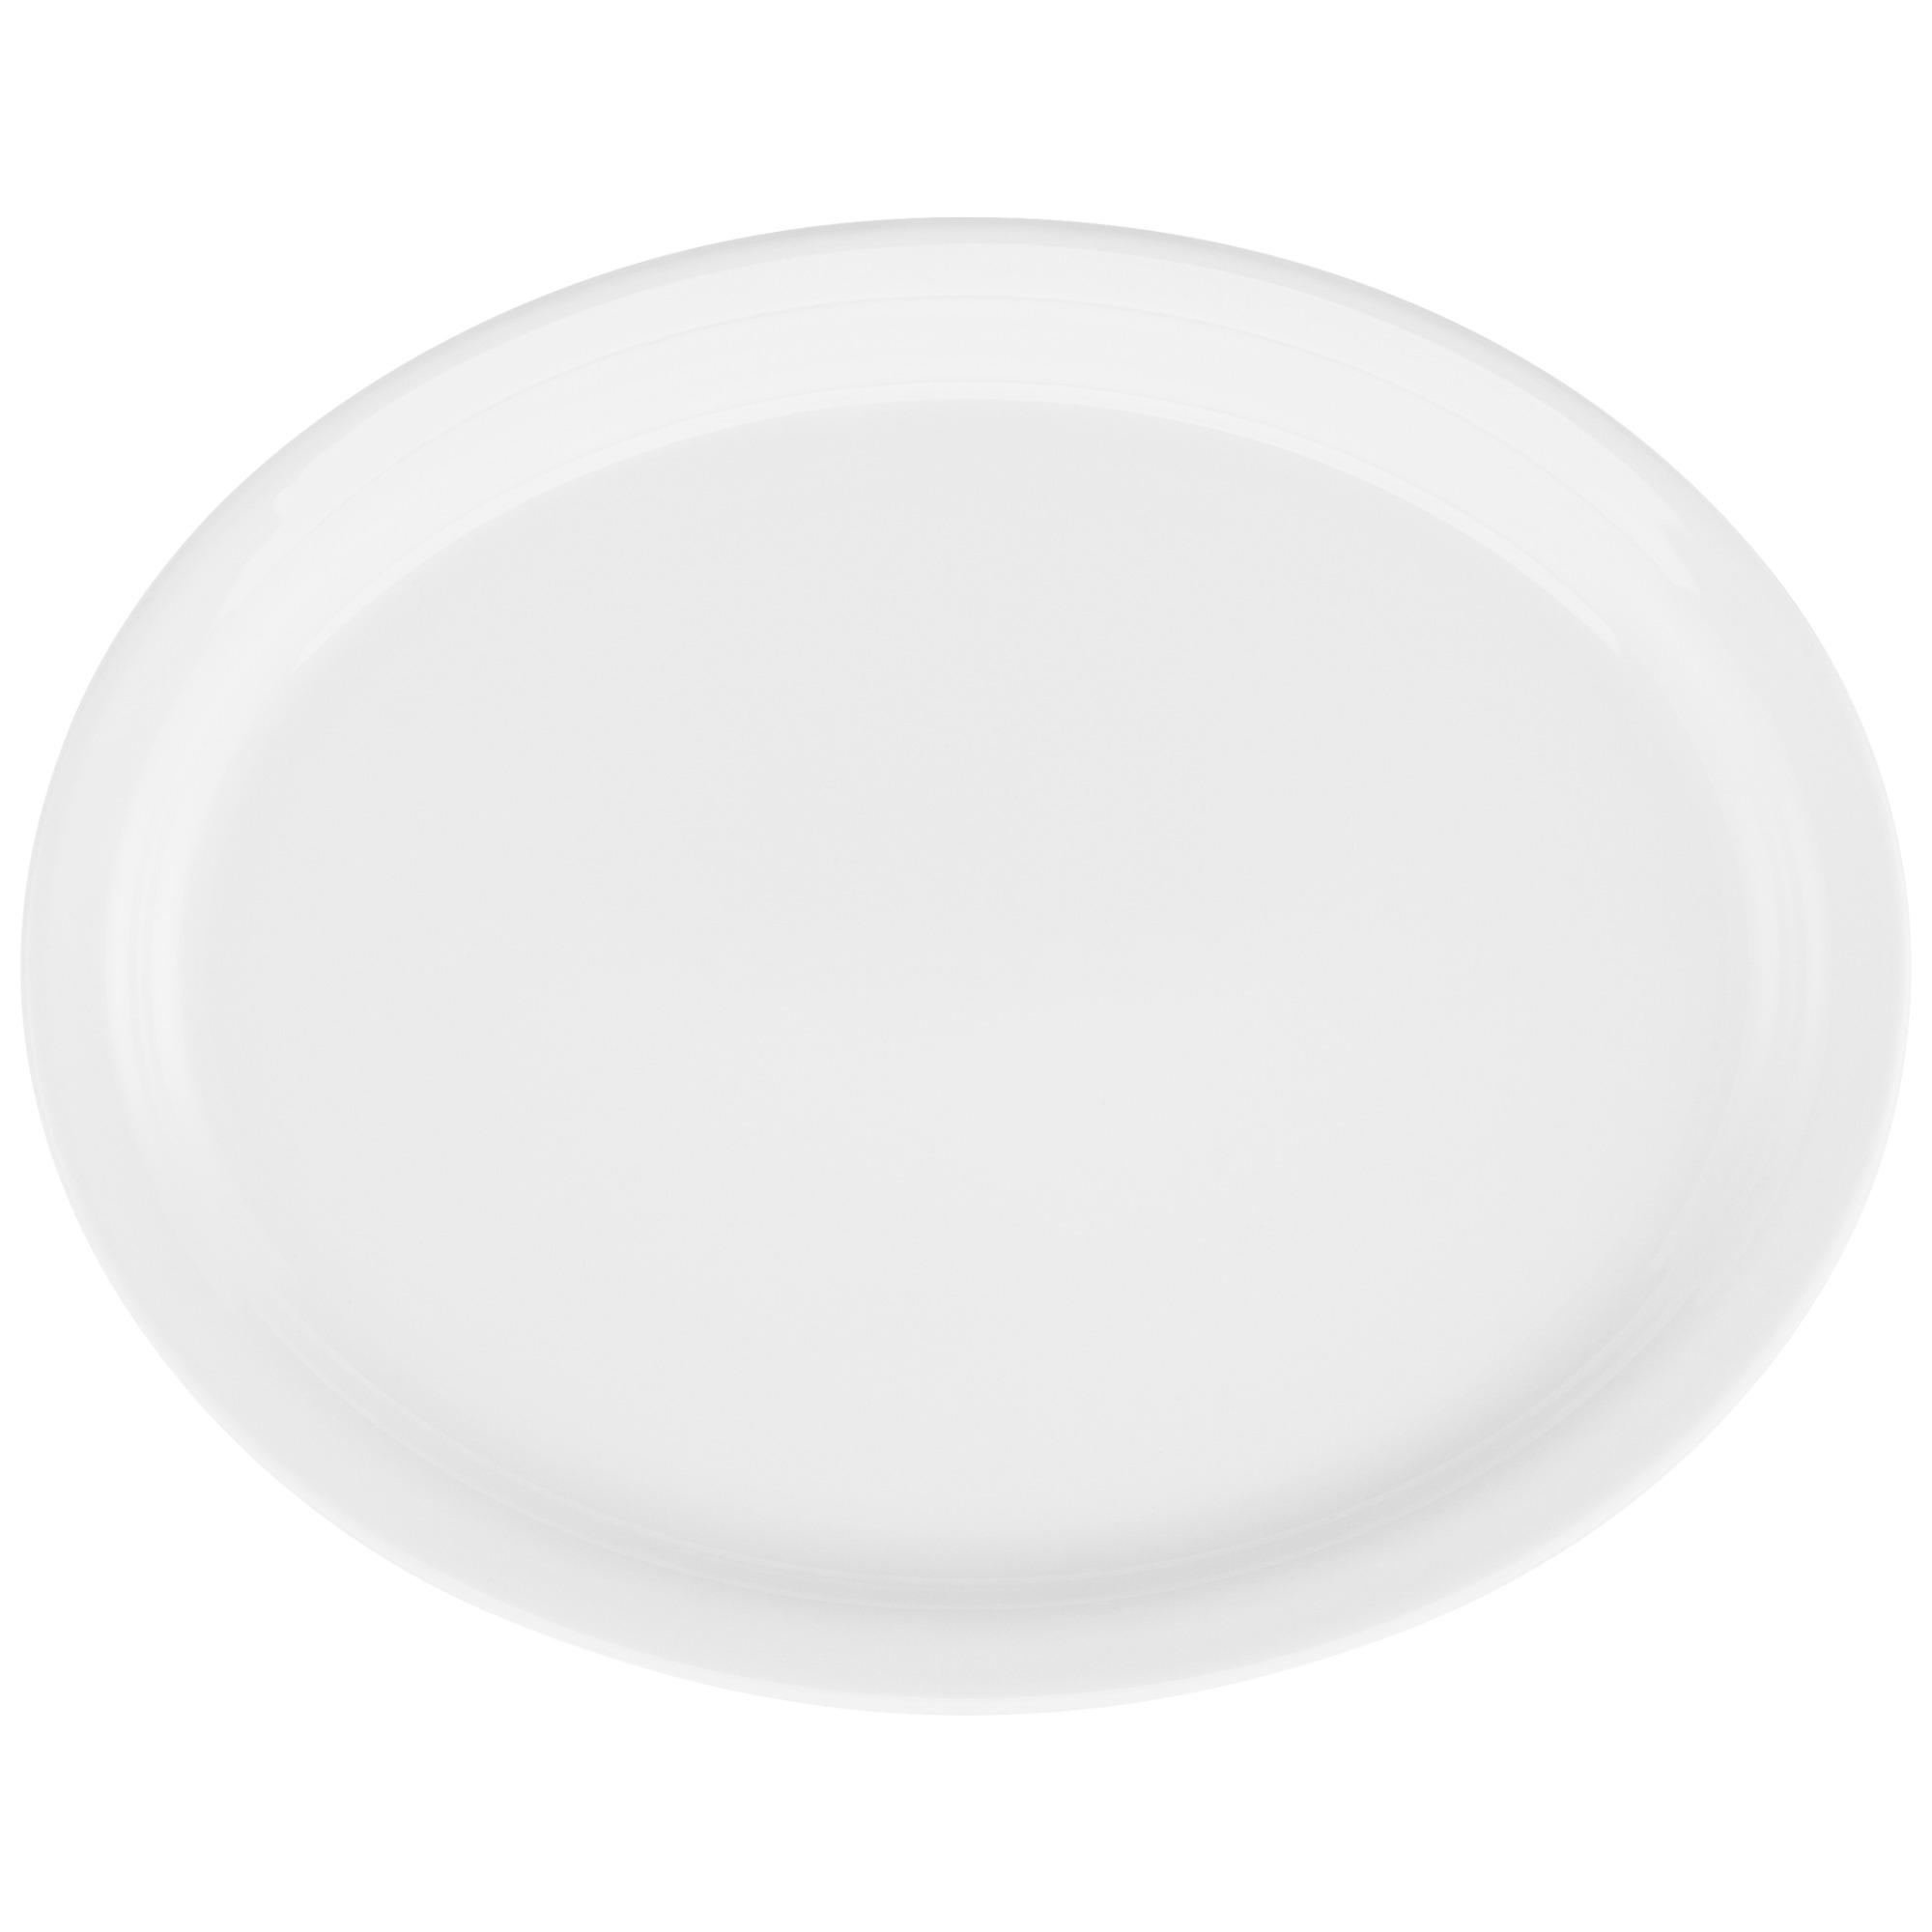 Travessa de Porcelana Oval Rasa 305 x 24 cm Branco - Oxford